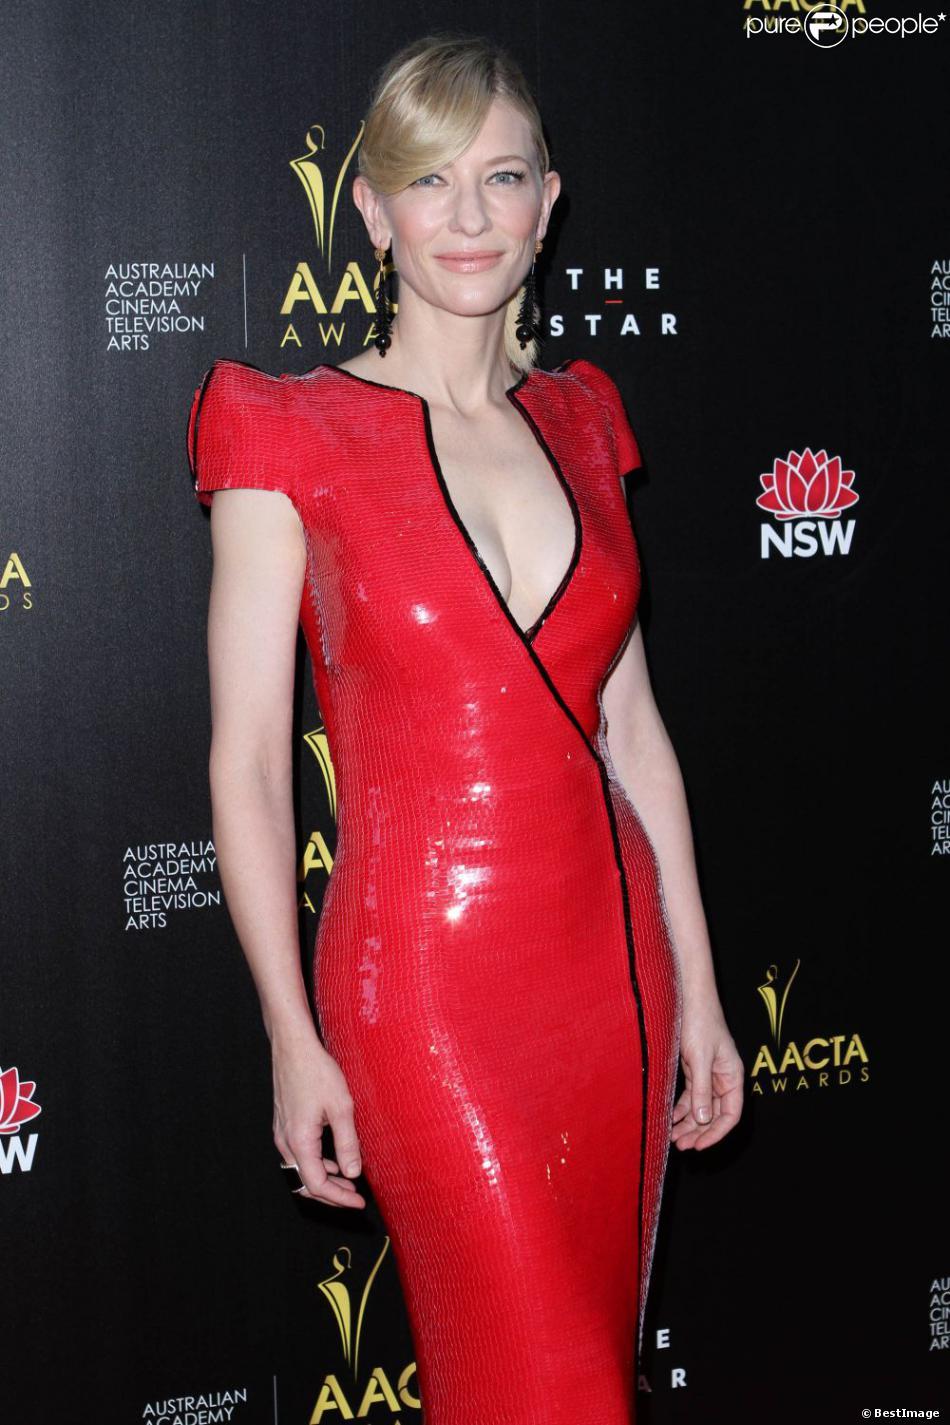 Cate Blanchett divine et sensuelle lors de la cérémonie des AACTA Awards à Sydney le 30 janvier 2013.